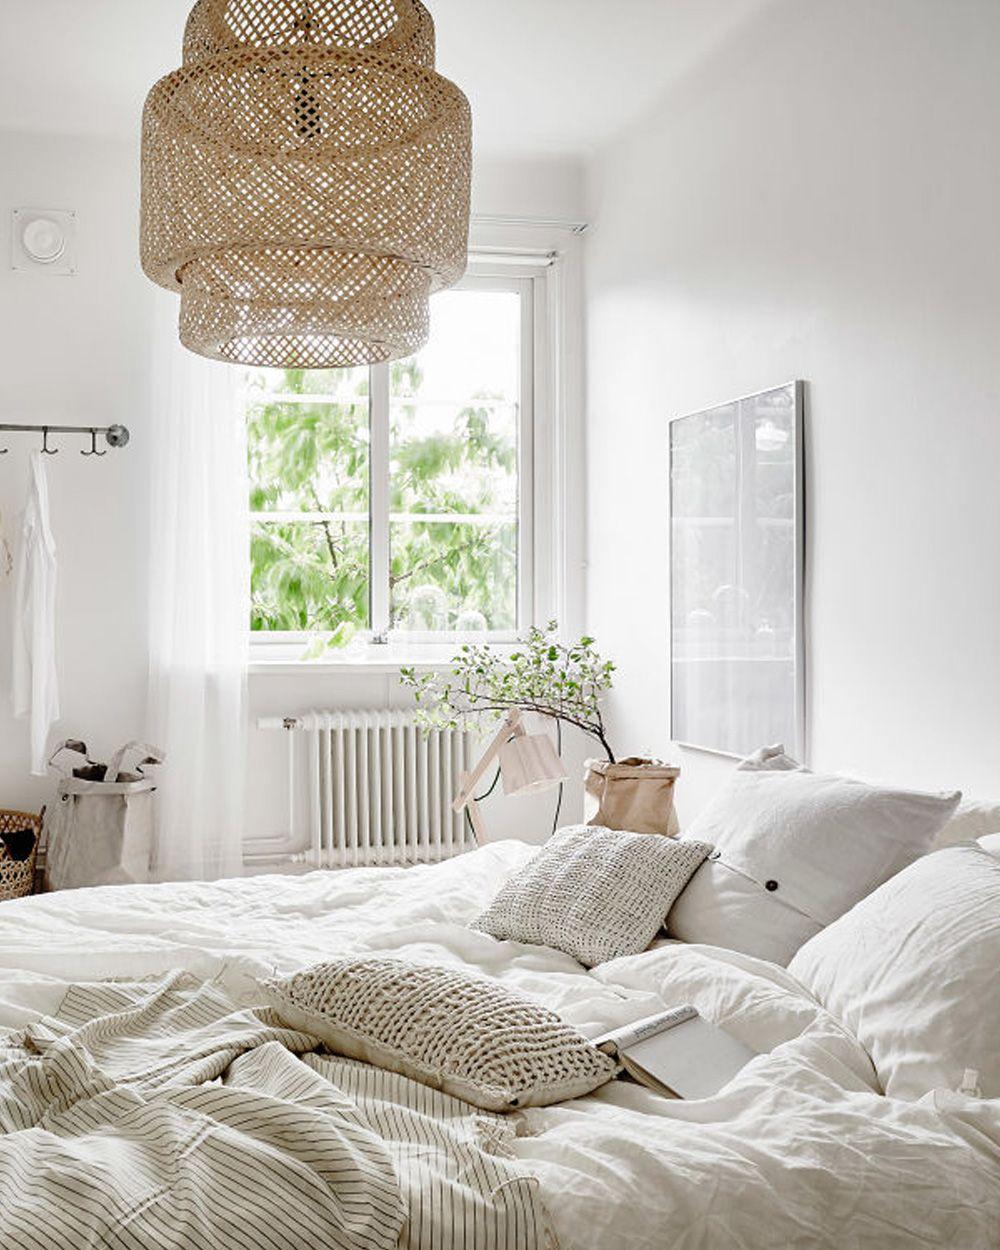 10 astuces pour gagner en luminosit naturelle dans votre - Astuce deco chambre ...